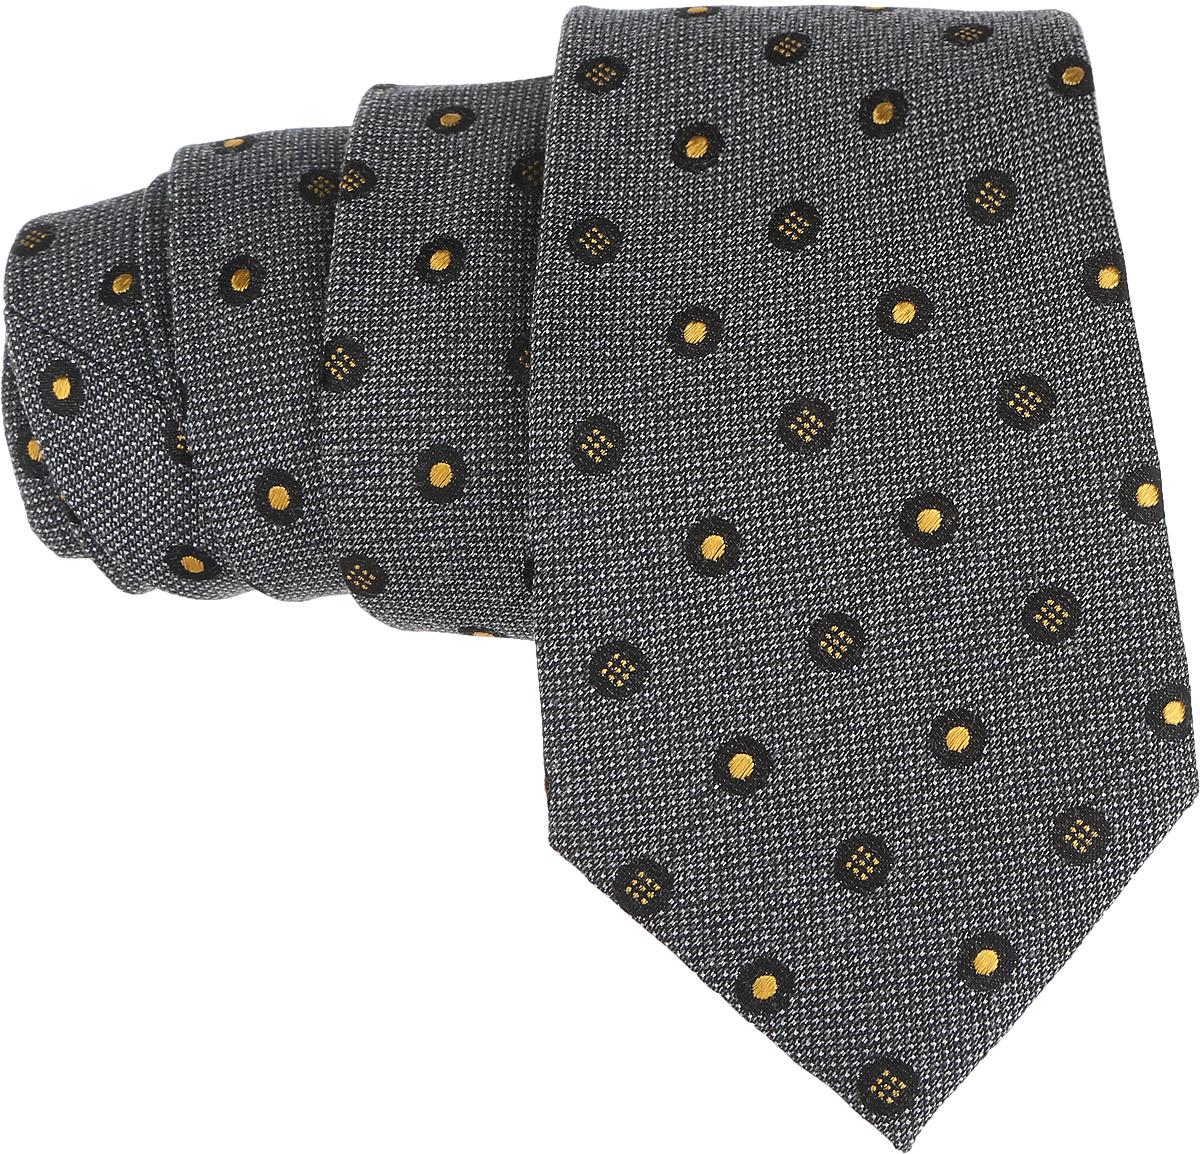 Галстук. 12.01547612.015476Стильный галстук BTC станет отличным завершающим штрихом вашего образа. Этот модный аксессуар порадует вас высоким качеством исполнения и современным дизайном. Изделие полностью выполнено из качественного шелка. Галстук оформлен оригинальным принтом. Такой оригинальный галстук подойдет как к повседневному, так и к официальному наряду, он позволит вам подчеркнуть свою индивидуальность и создать свой неповторимый стиль.